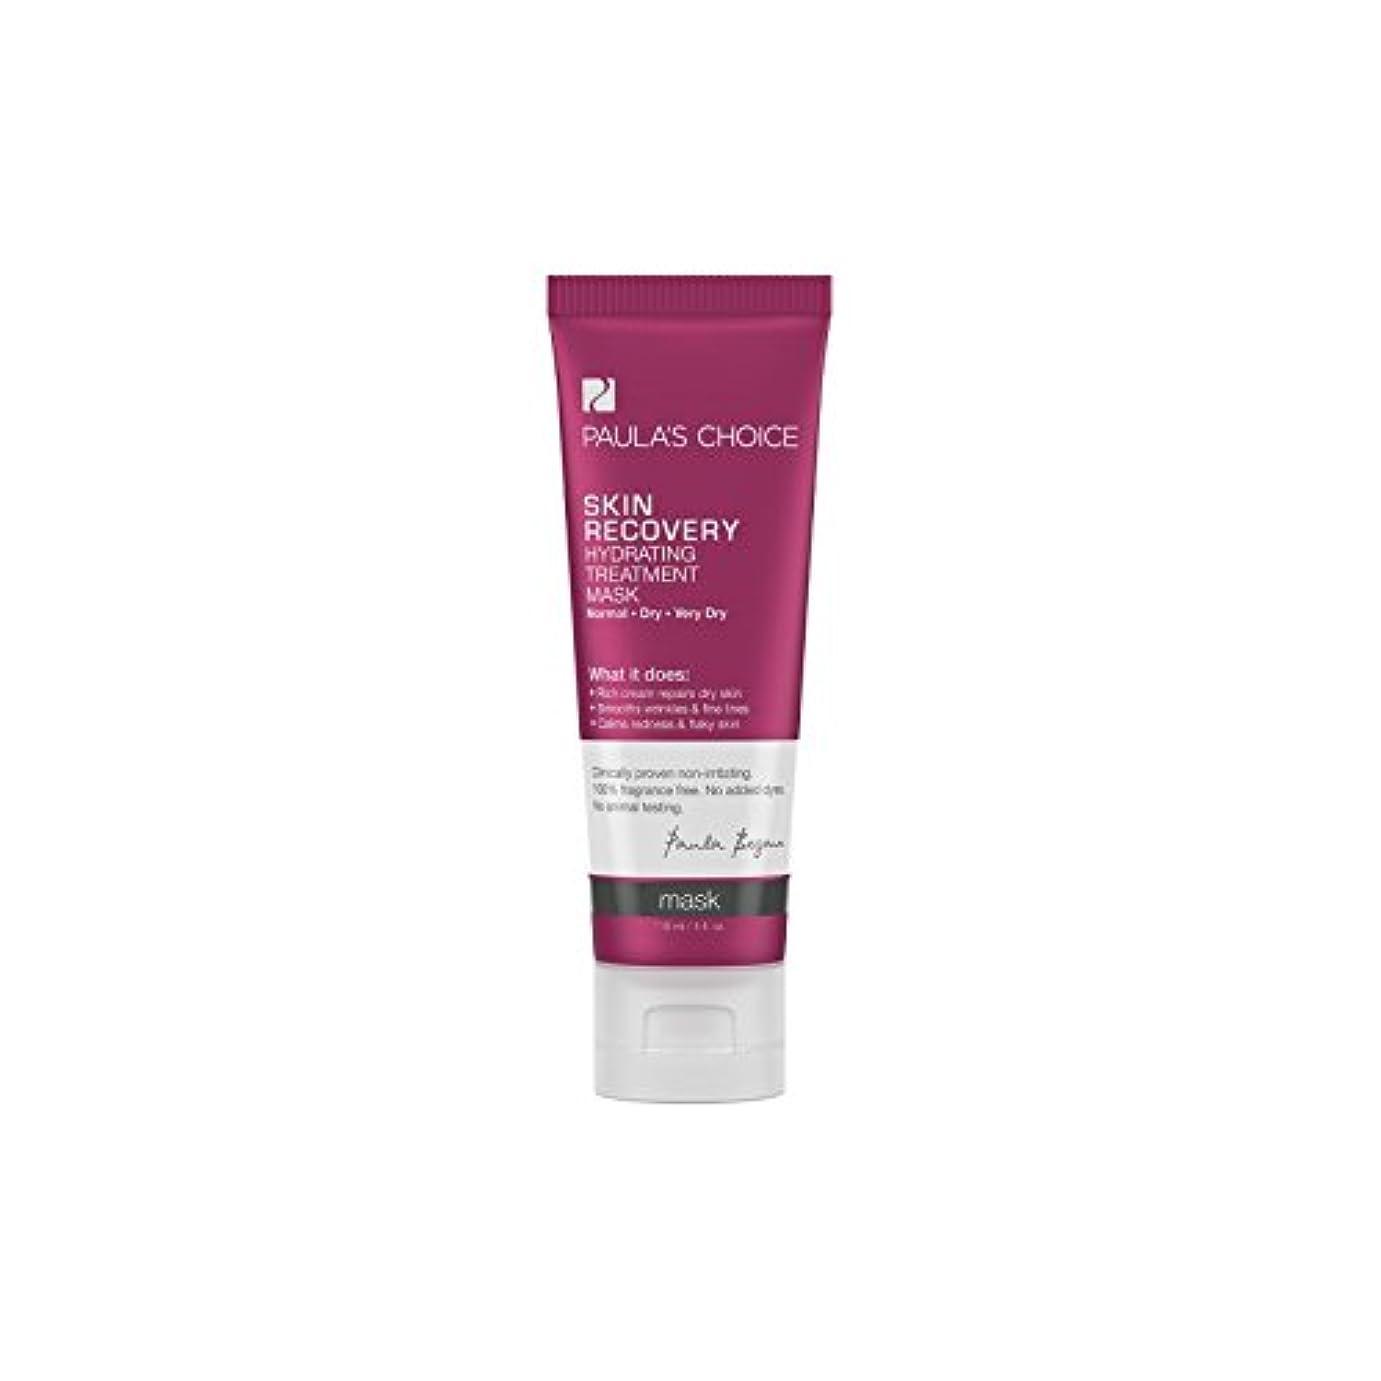 スピーカー道荒廃するPaula's Choice Skin Recovery Hydrating Treatment Mask (118ml) - ポーラチョイスの肌の回復水和処理マスク(118ミリリットル) [並行輸入品]